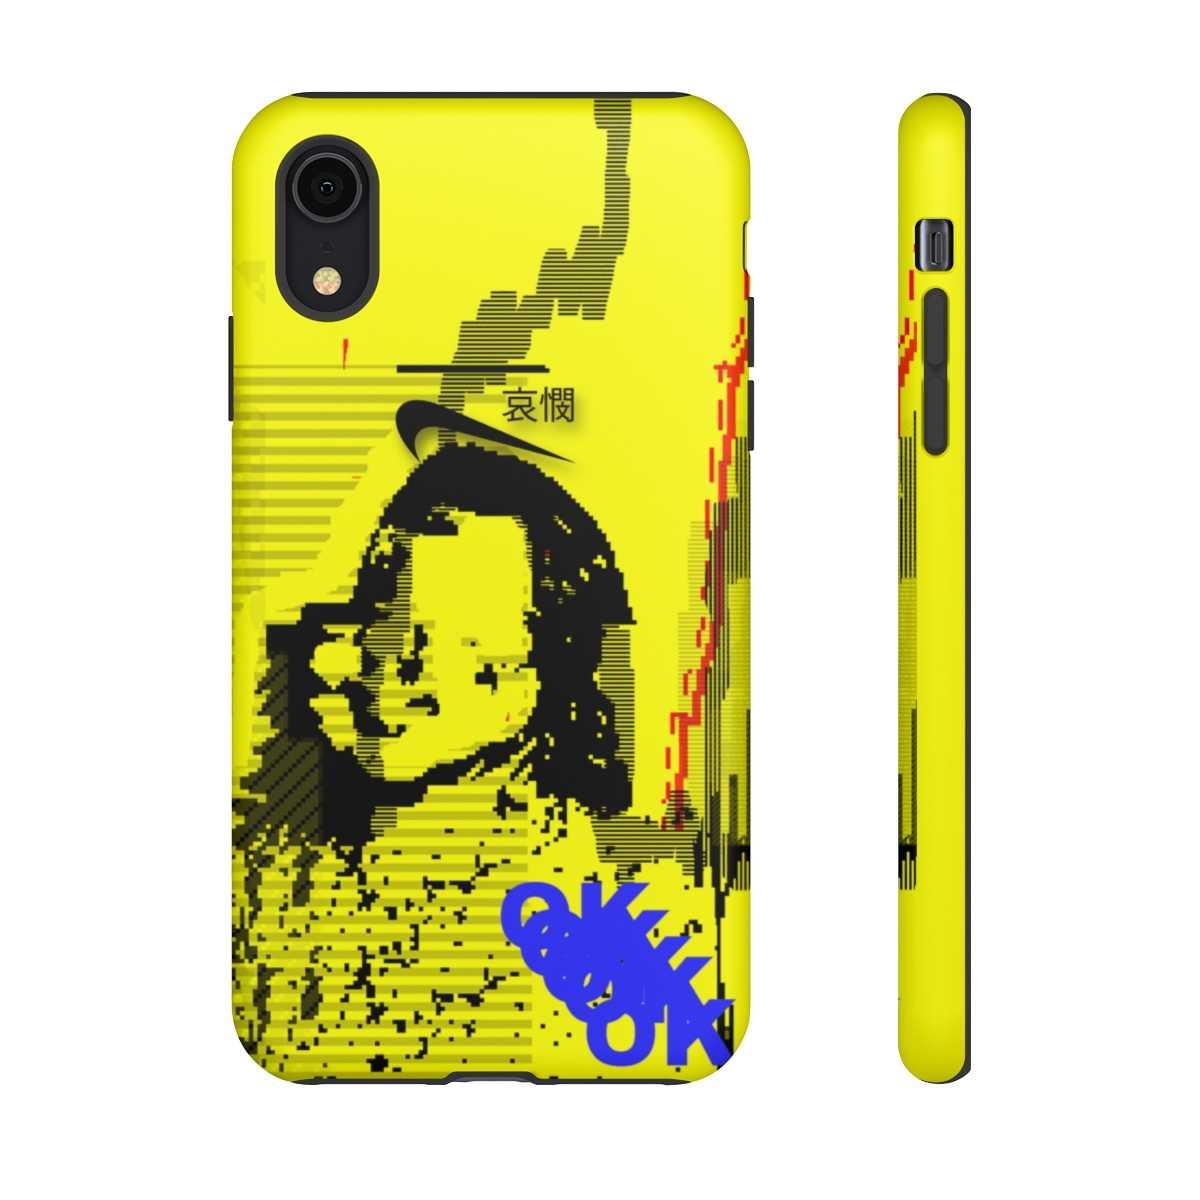 Lisa Glitch Phone Cover